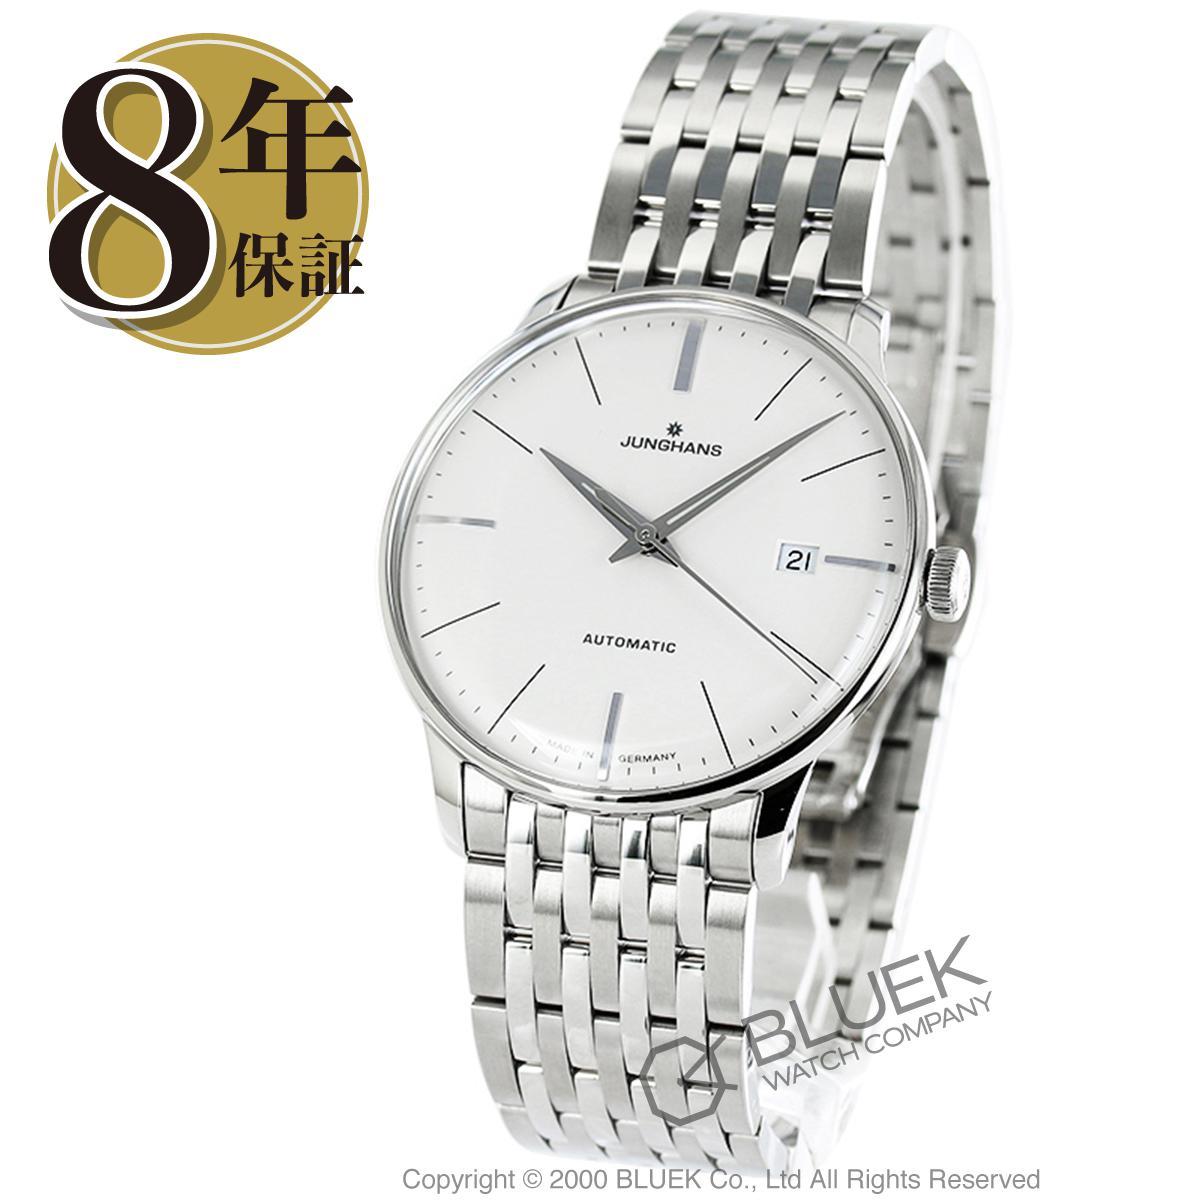 ユンハンス JUNGHANS 腕時計 マイスター メンズ 027/4311.44_8